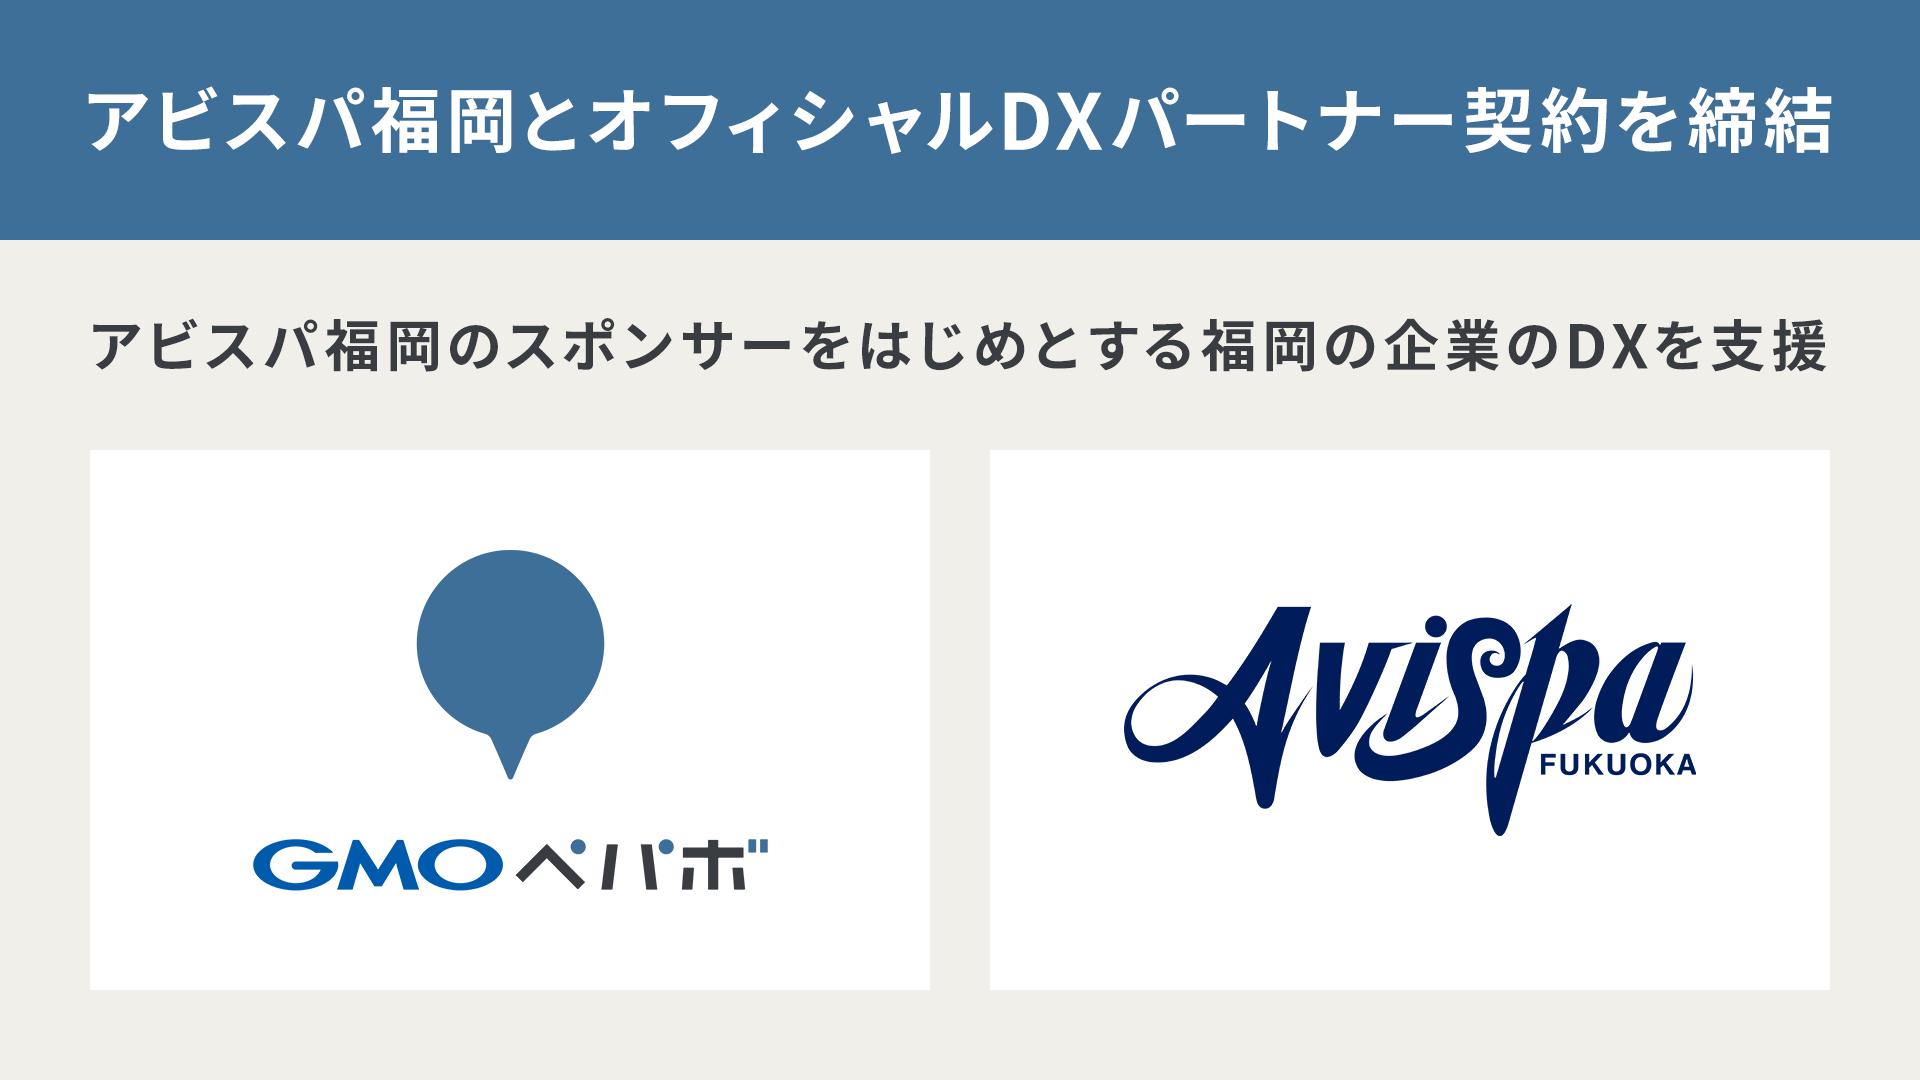 GMOペパボが、アビスパ福岡と『オフィシャルDXパートナー』契約を締結